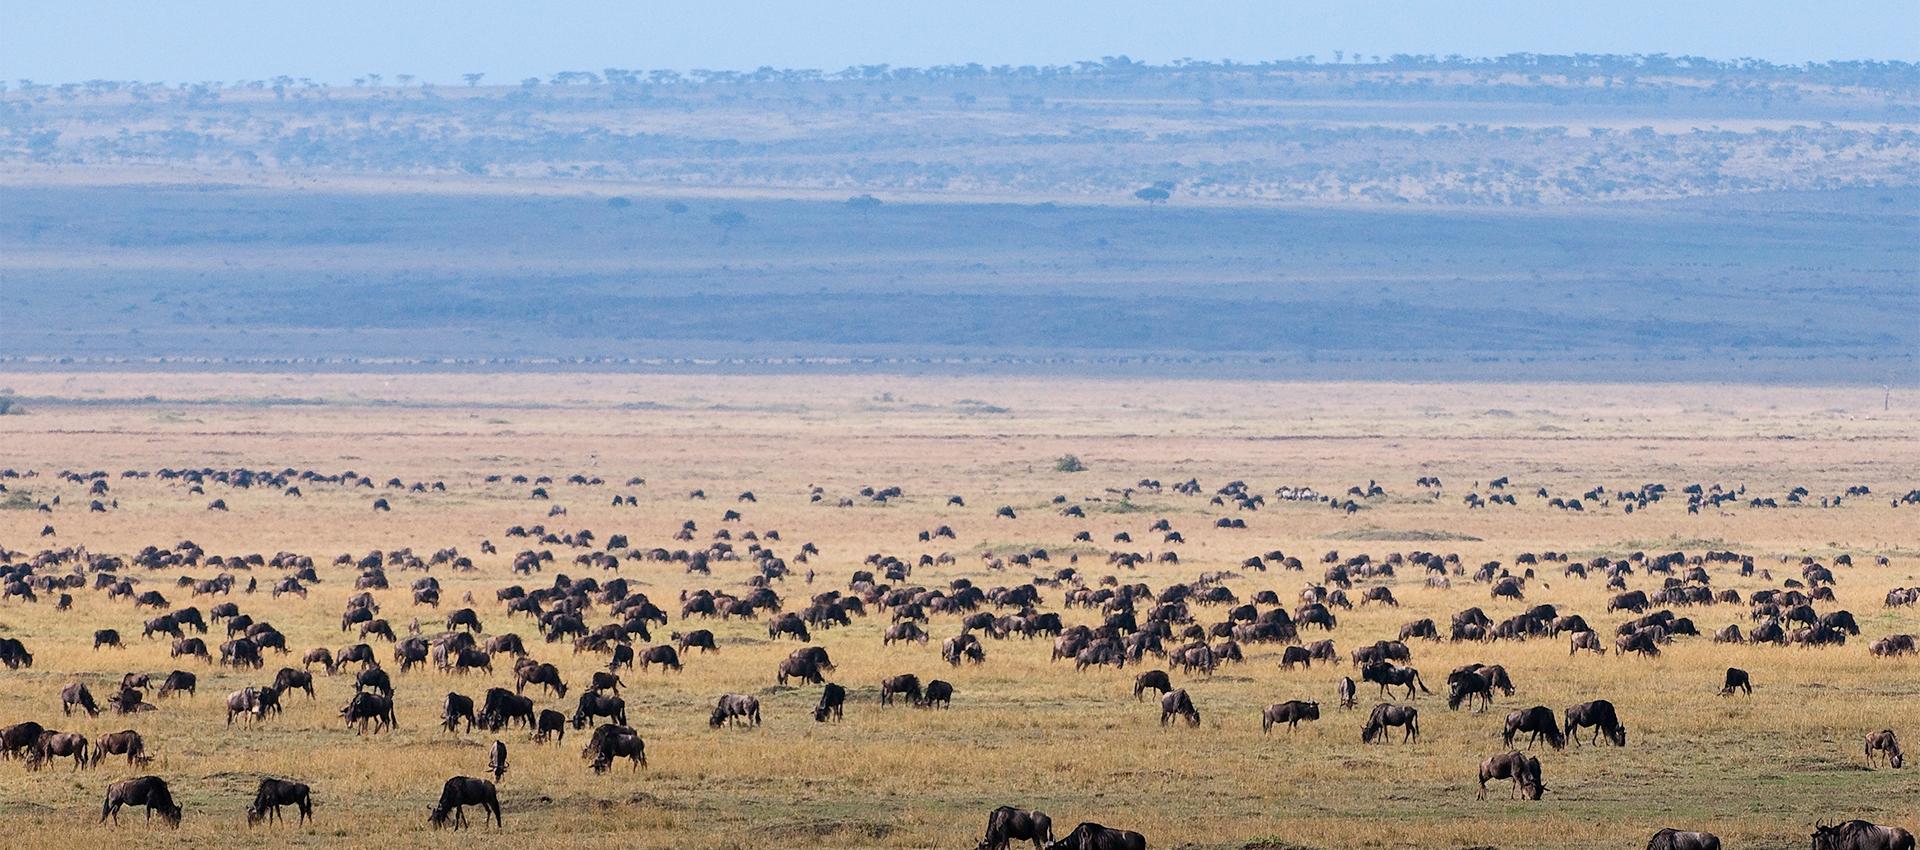 Ultimate Kenya